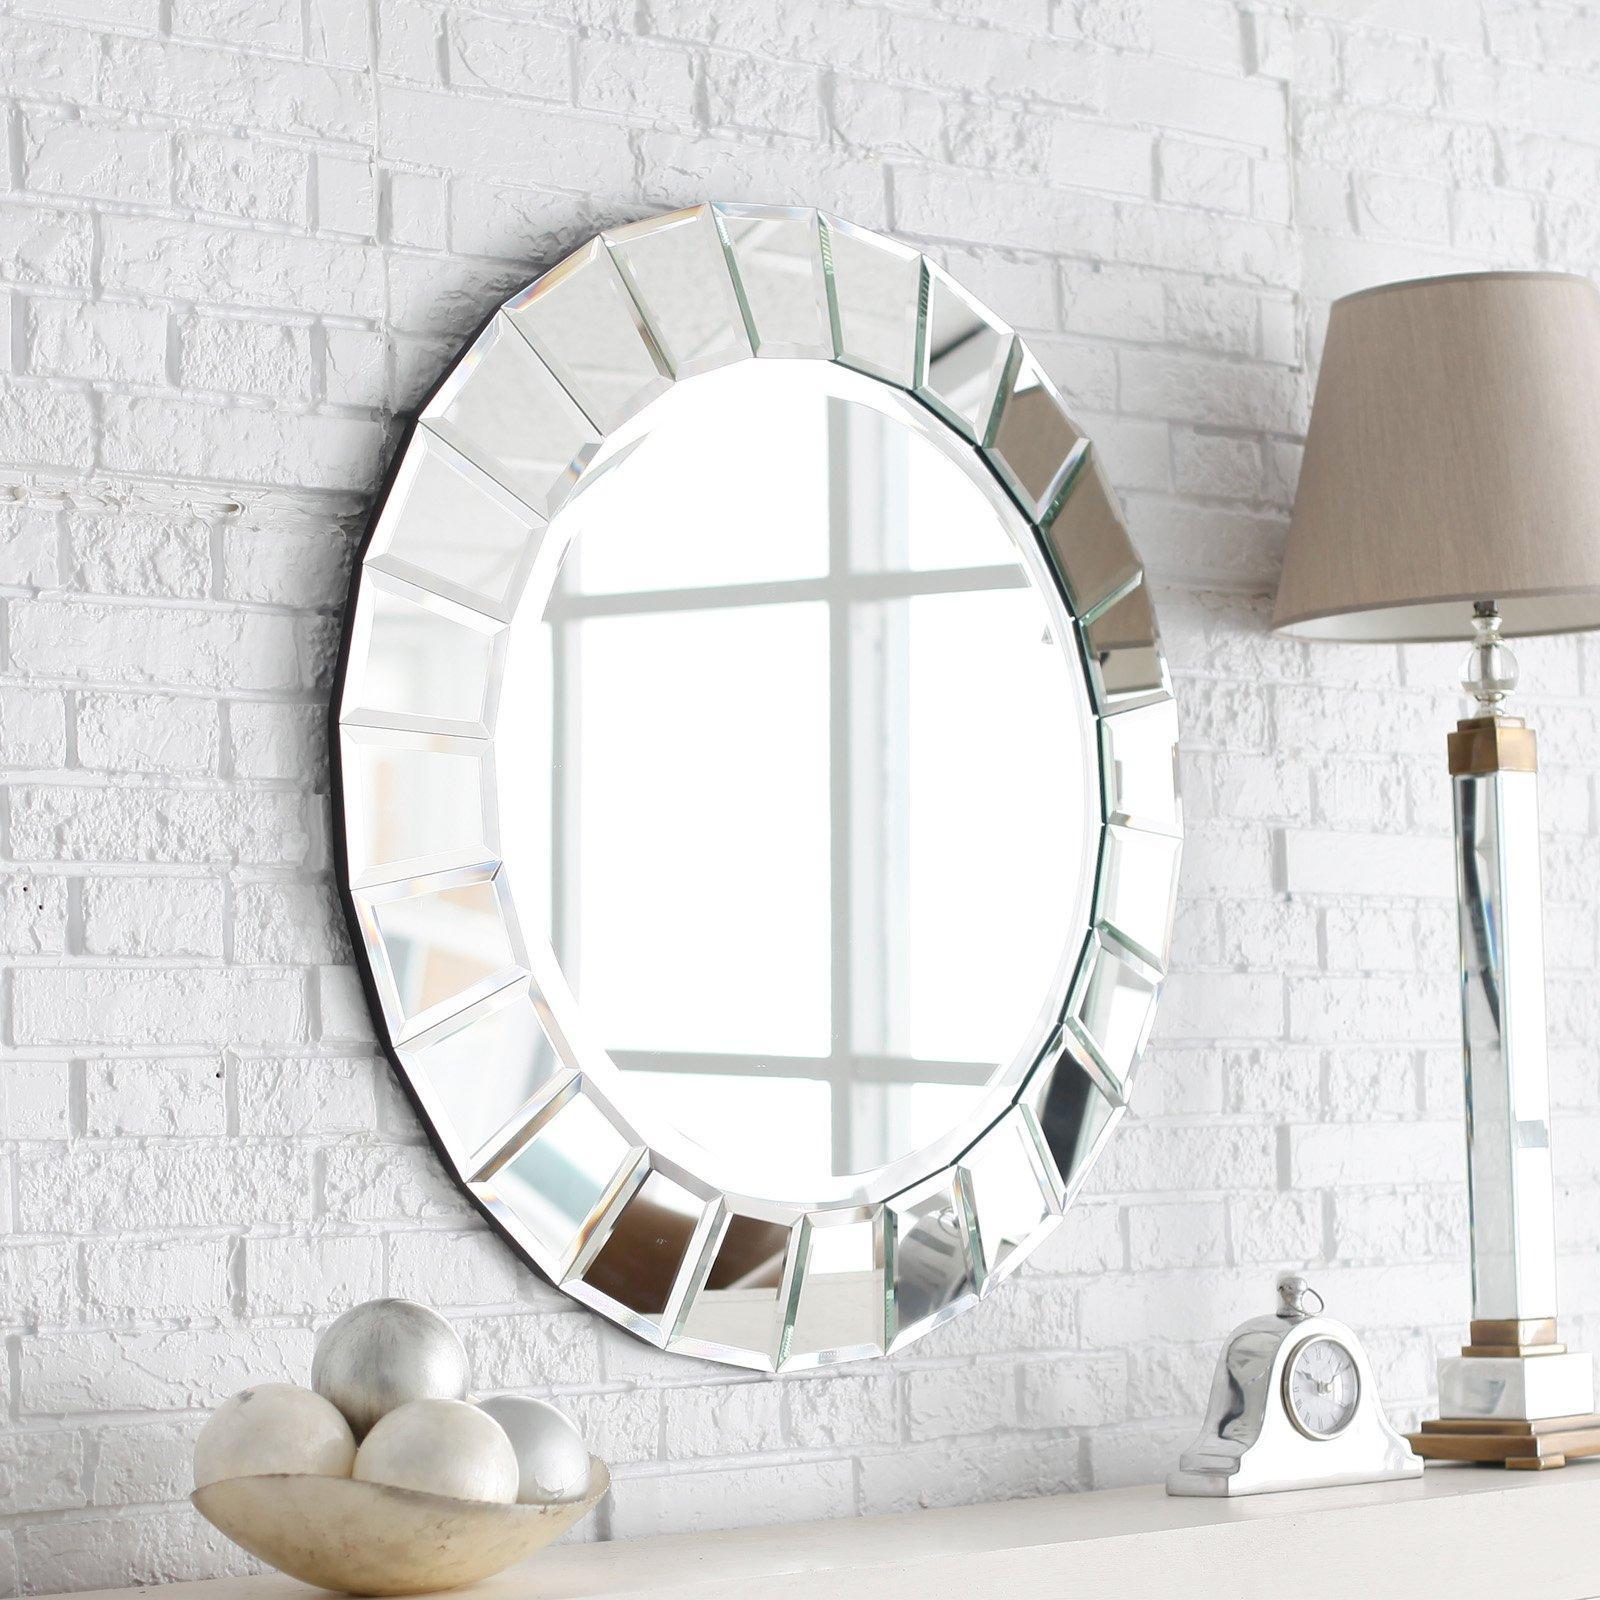 60 espelhos bisotados na decora o ideias e fotos for Espejos decorativos modernos para sala